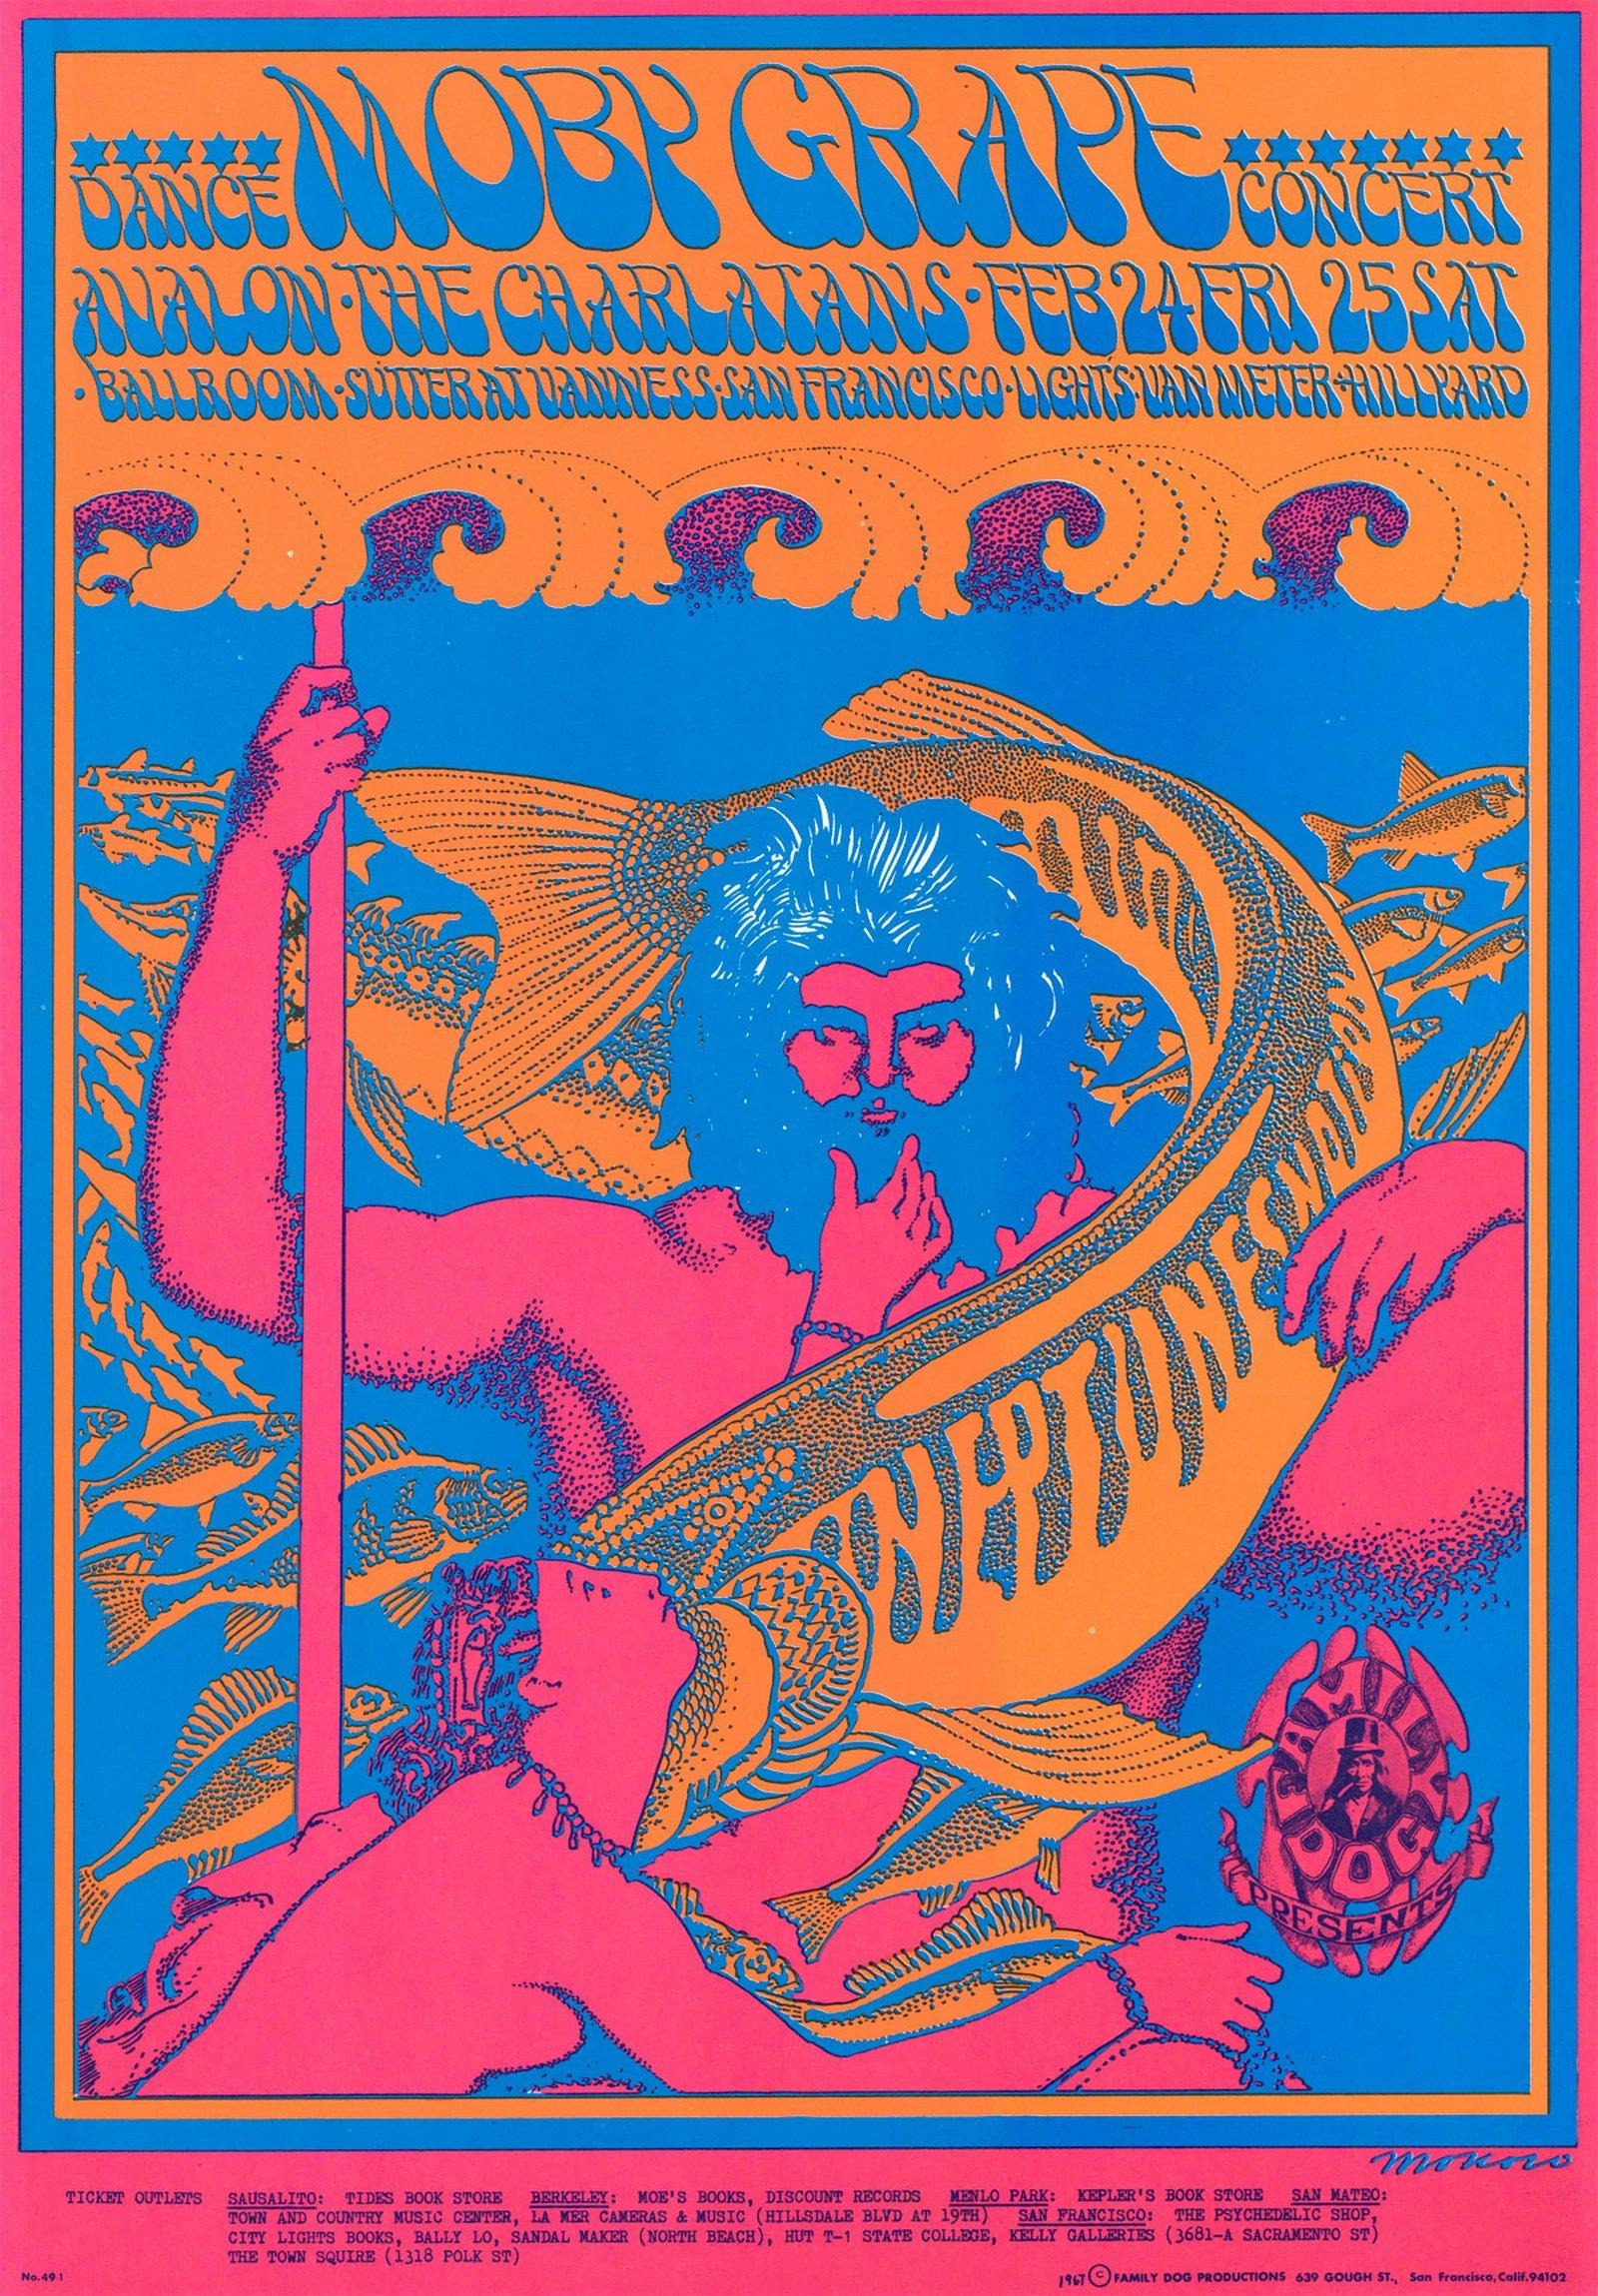 Family Dog Avalon Ballroom Poster FD-49-RP-2